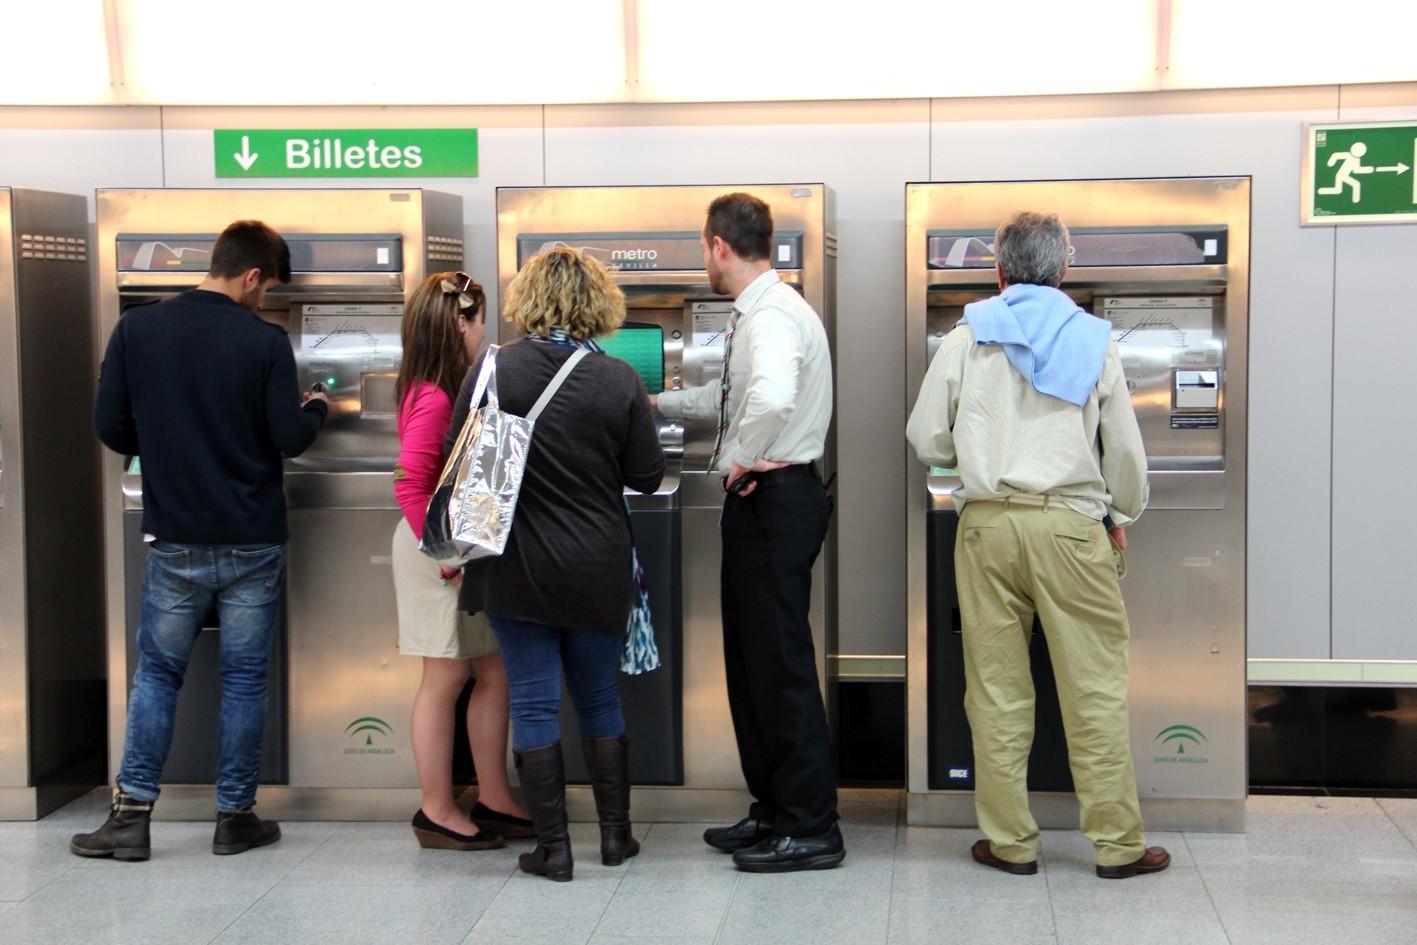 Los viajeros de metro de Sevilla crecen un 4,6% con respecto al año 2016.